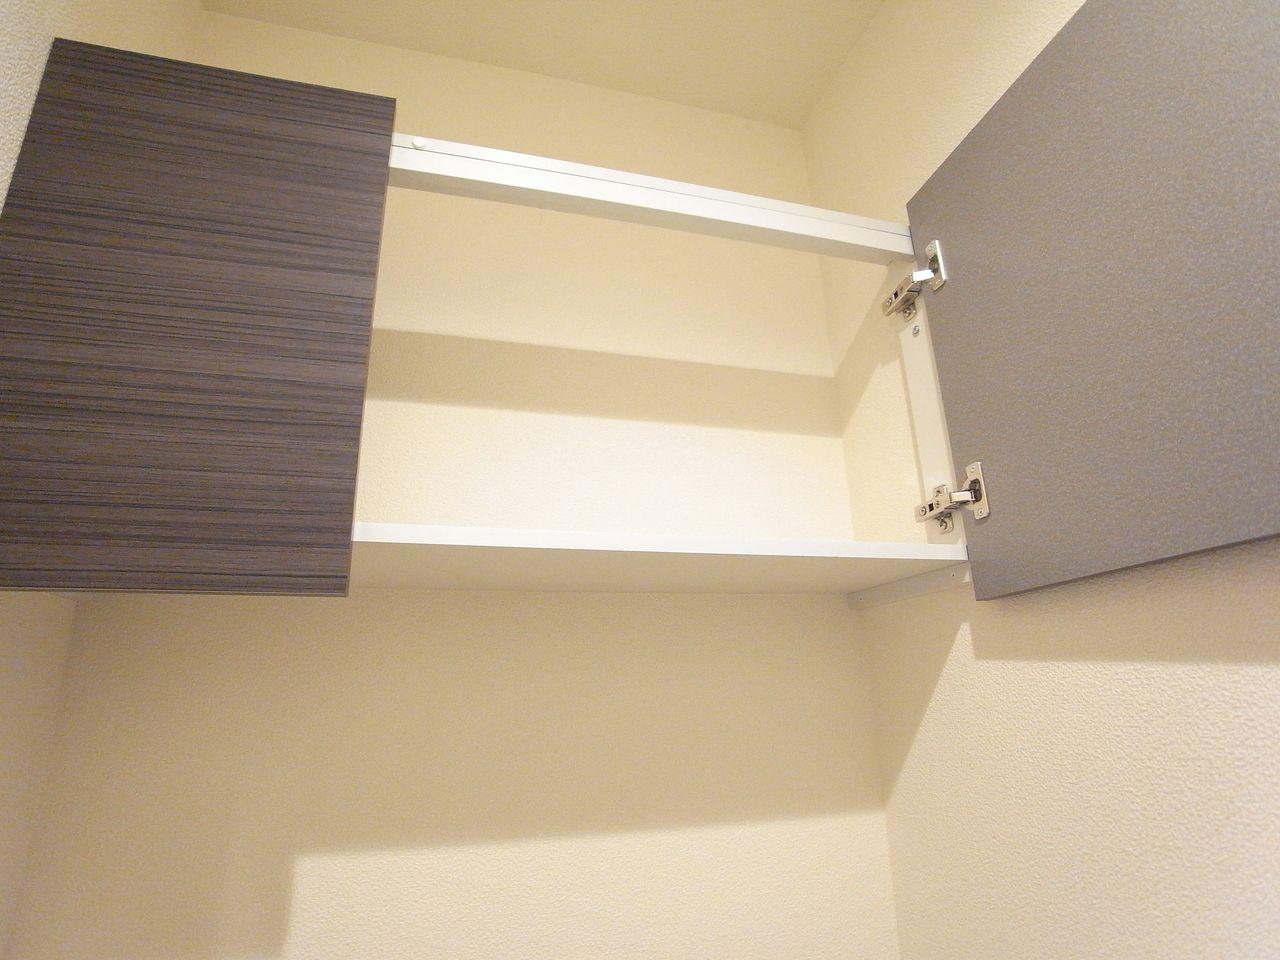 トイレ上部に設置されています